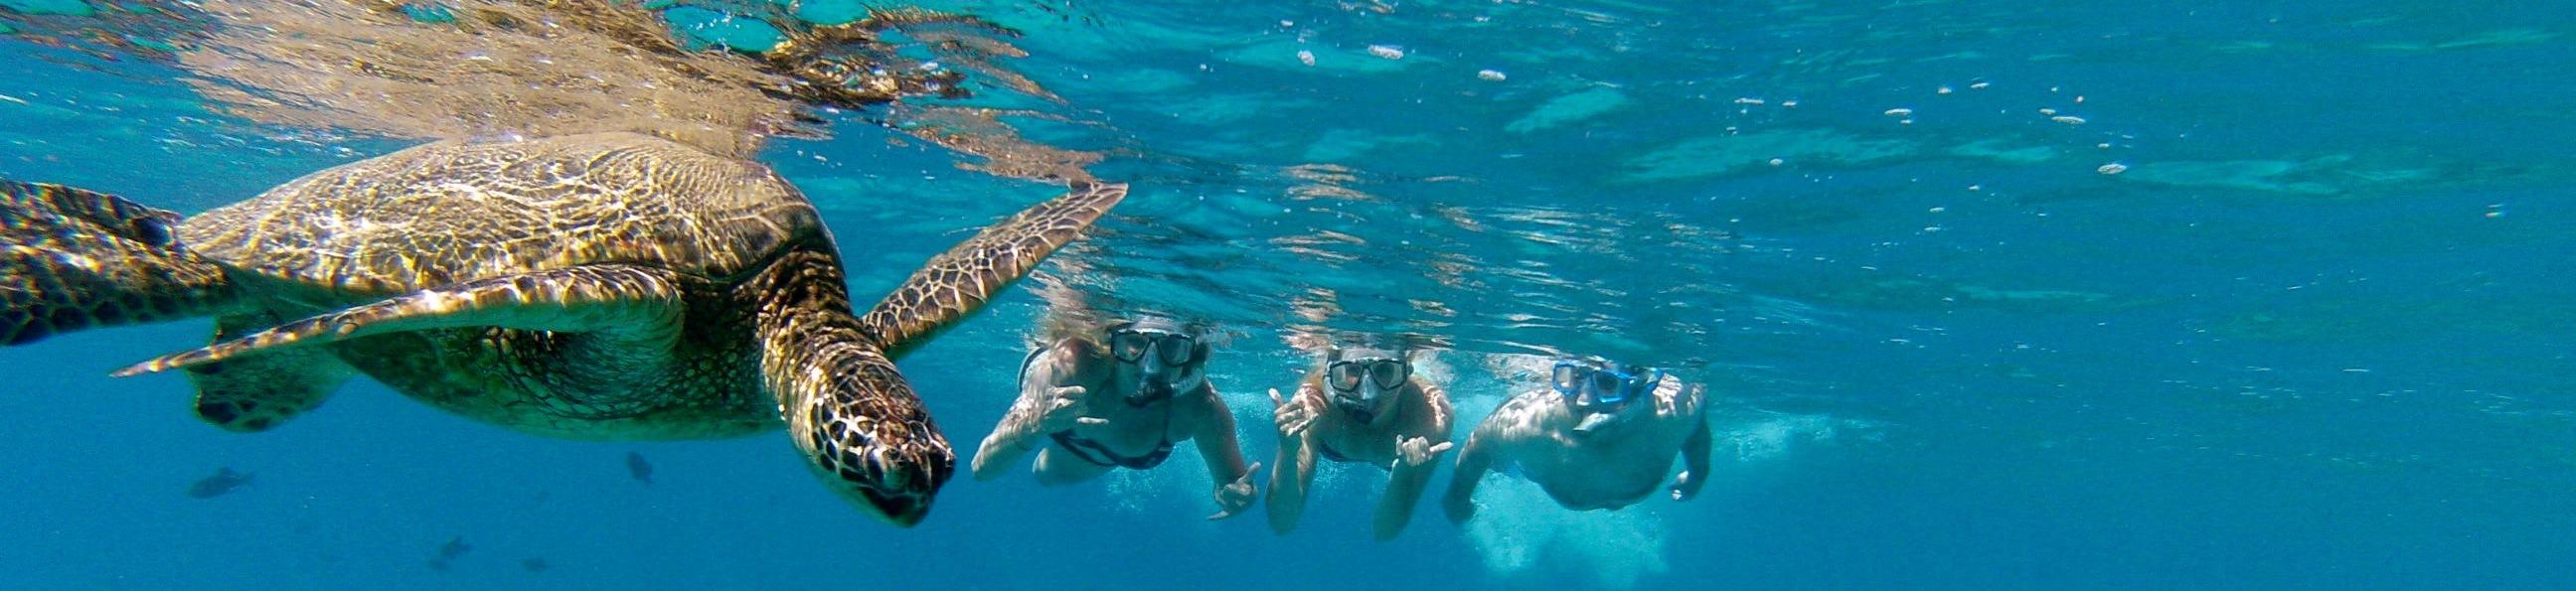 Snorkeling Gear Maui Maui Snorkeling Tours Show You